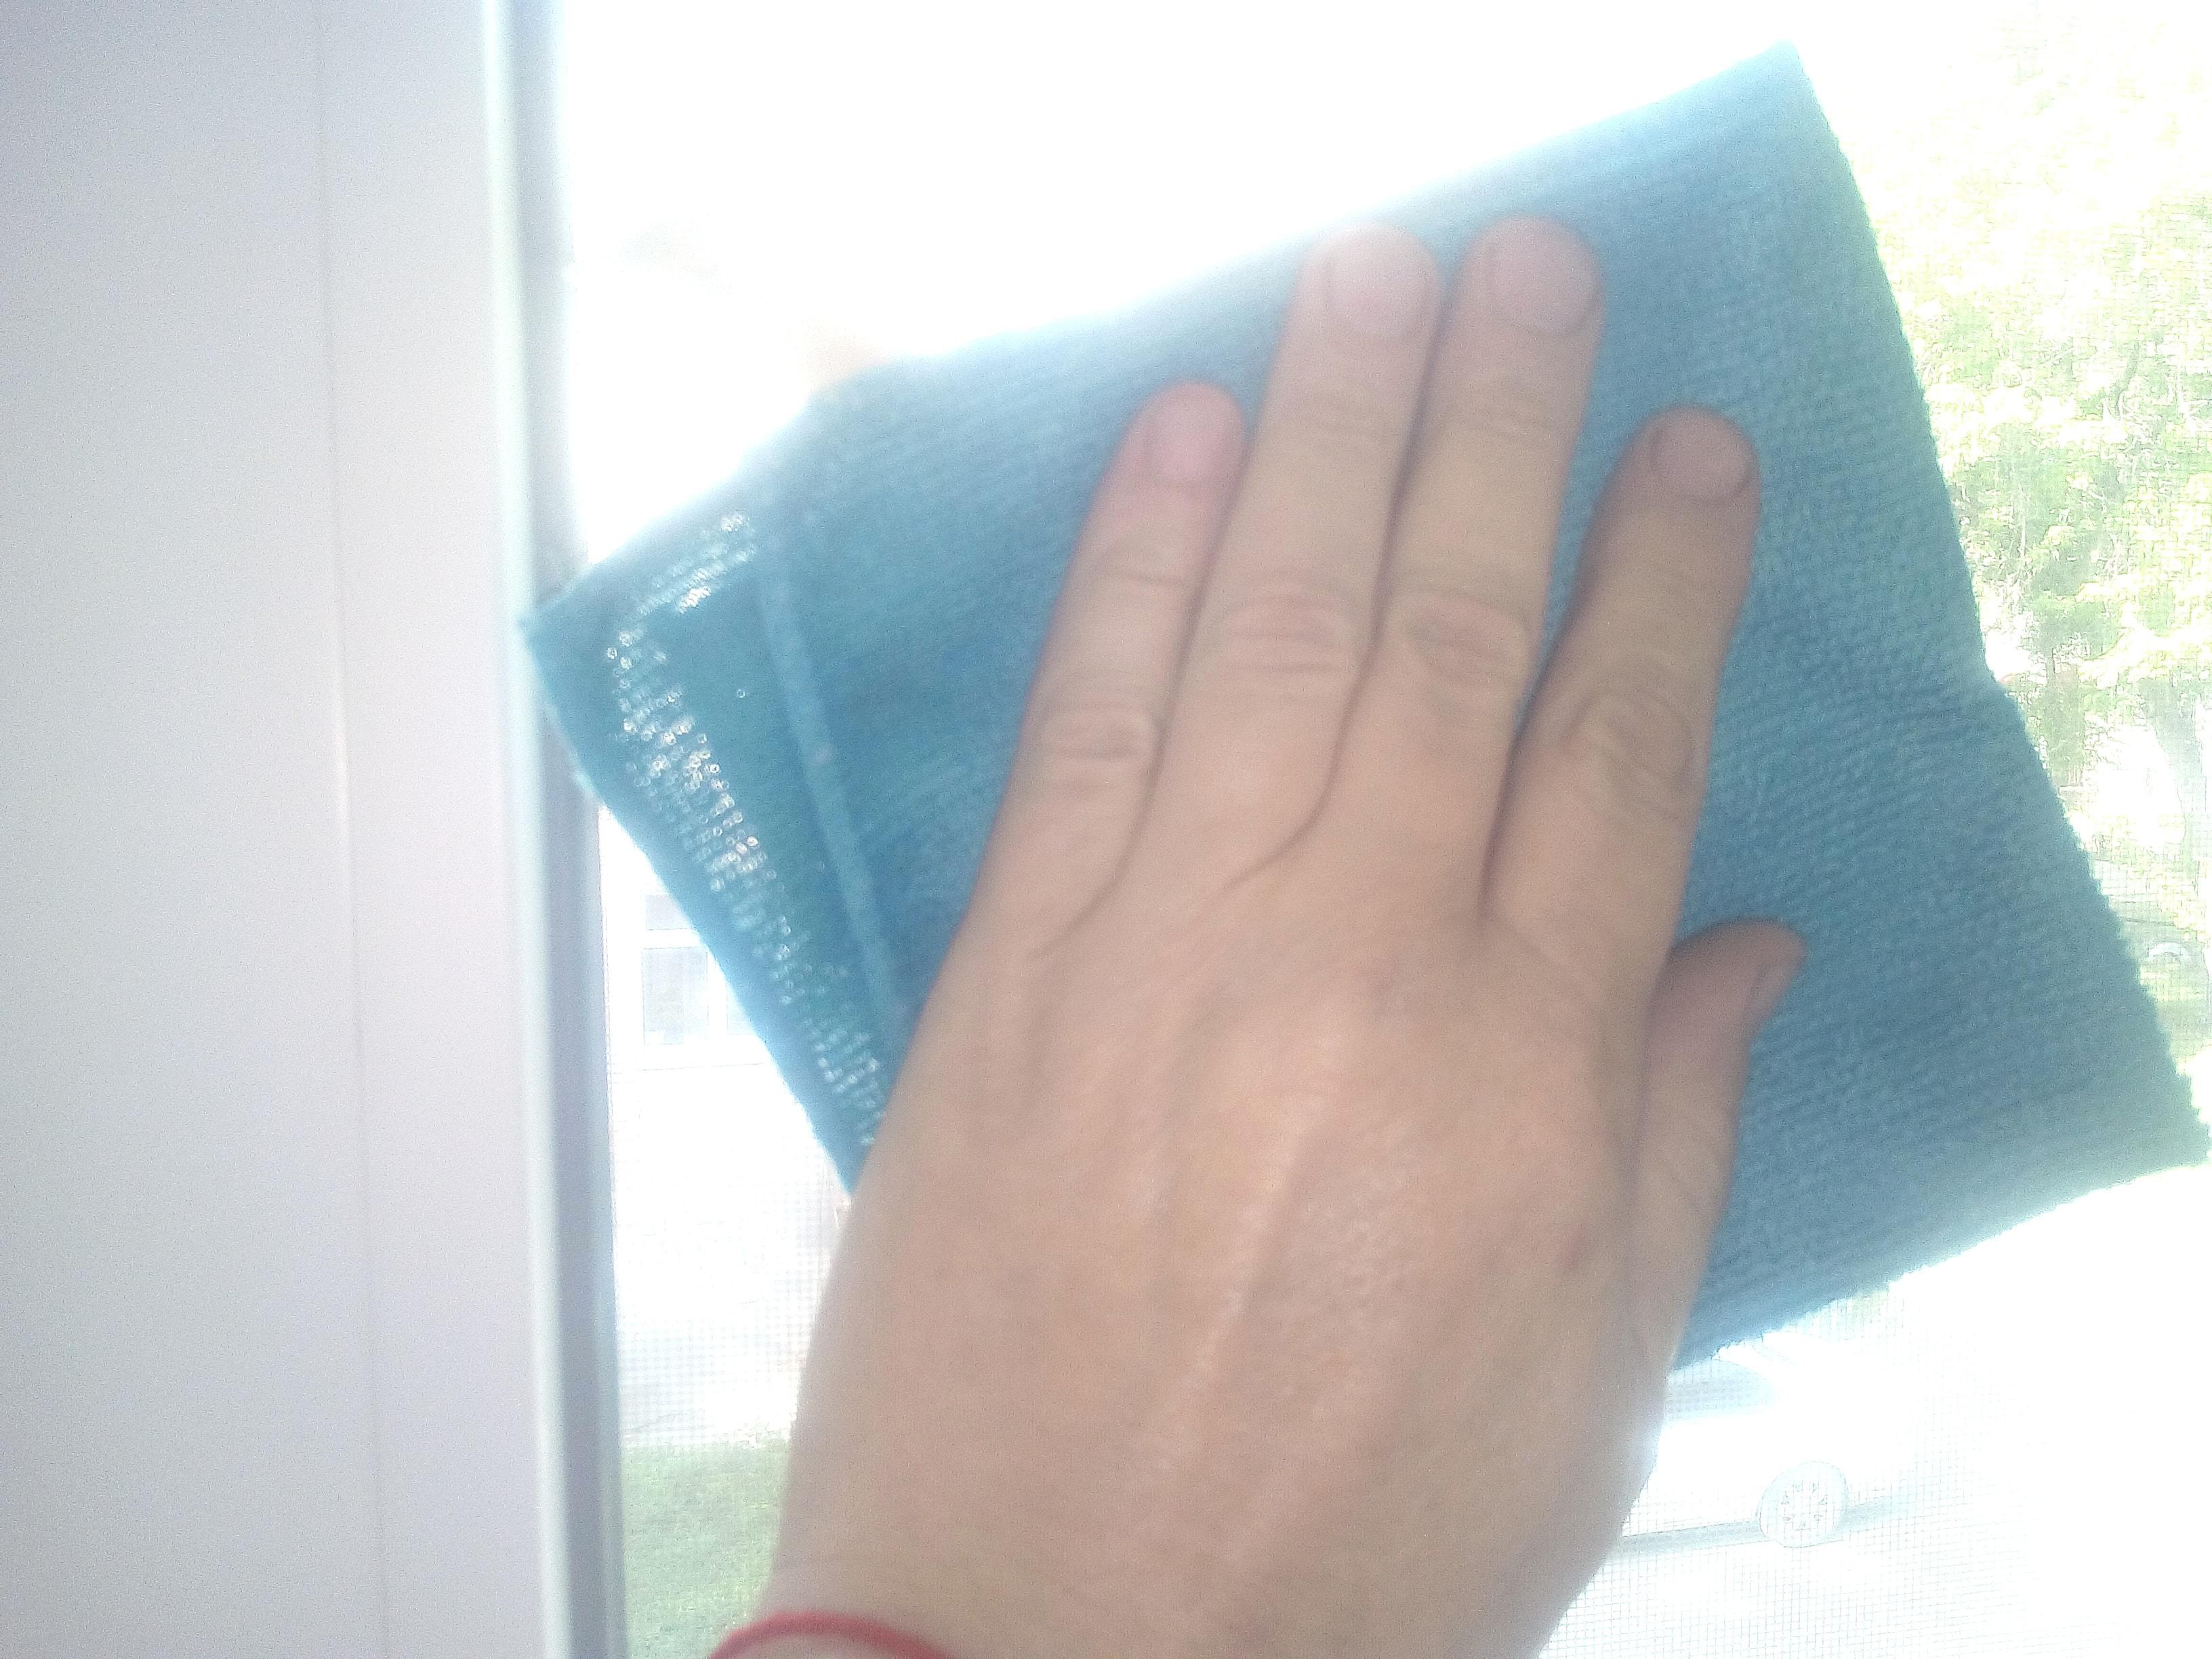 Очистка стекла тряпкой